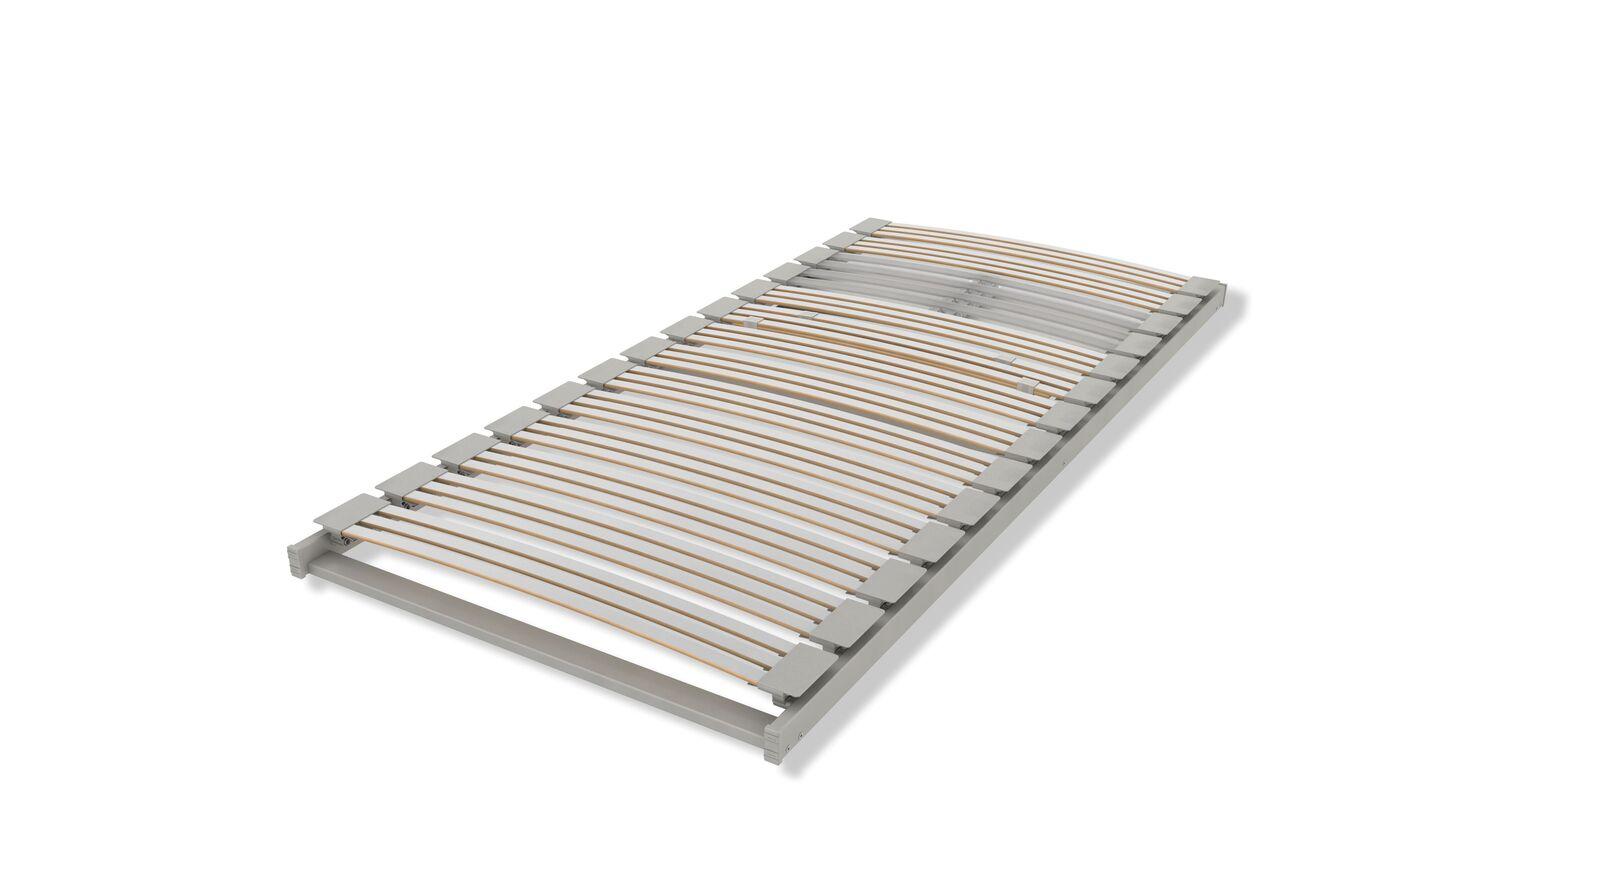 SCHLARAFFIA Lattenrost ComFEEL 40 Plus NV/KF ohne Verstellung